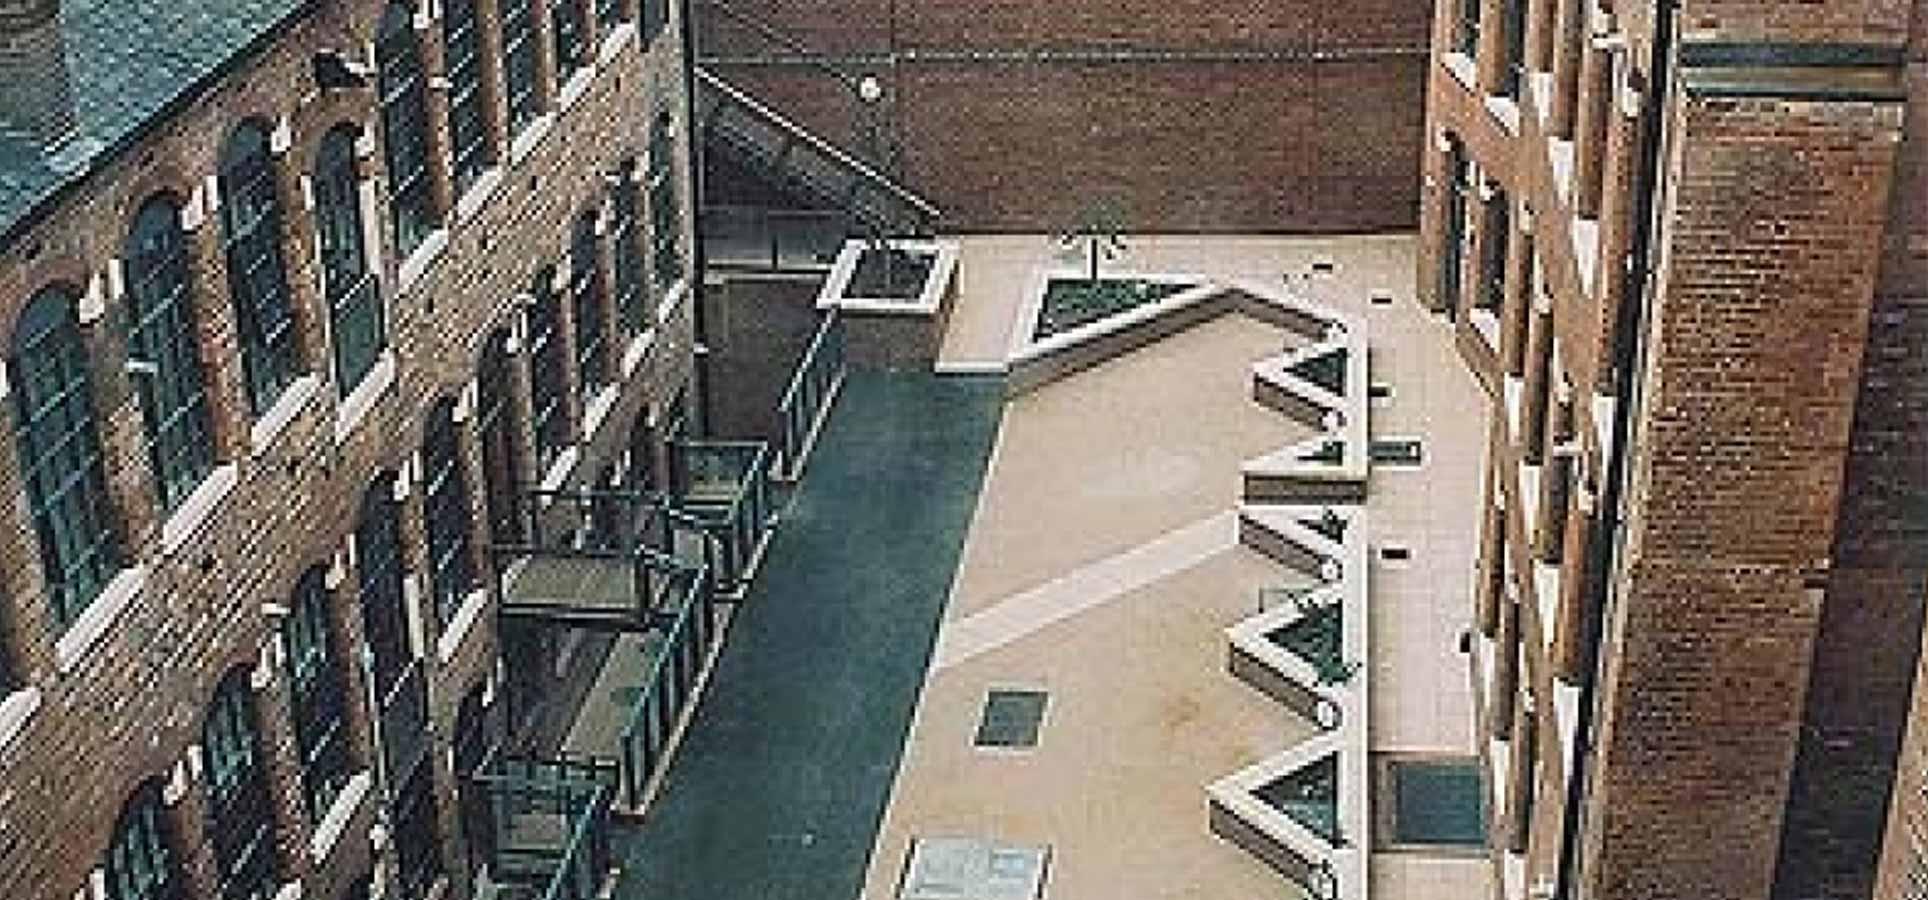 William Bancroft Building, Nottingham, Jessops Construction Ltd